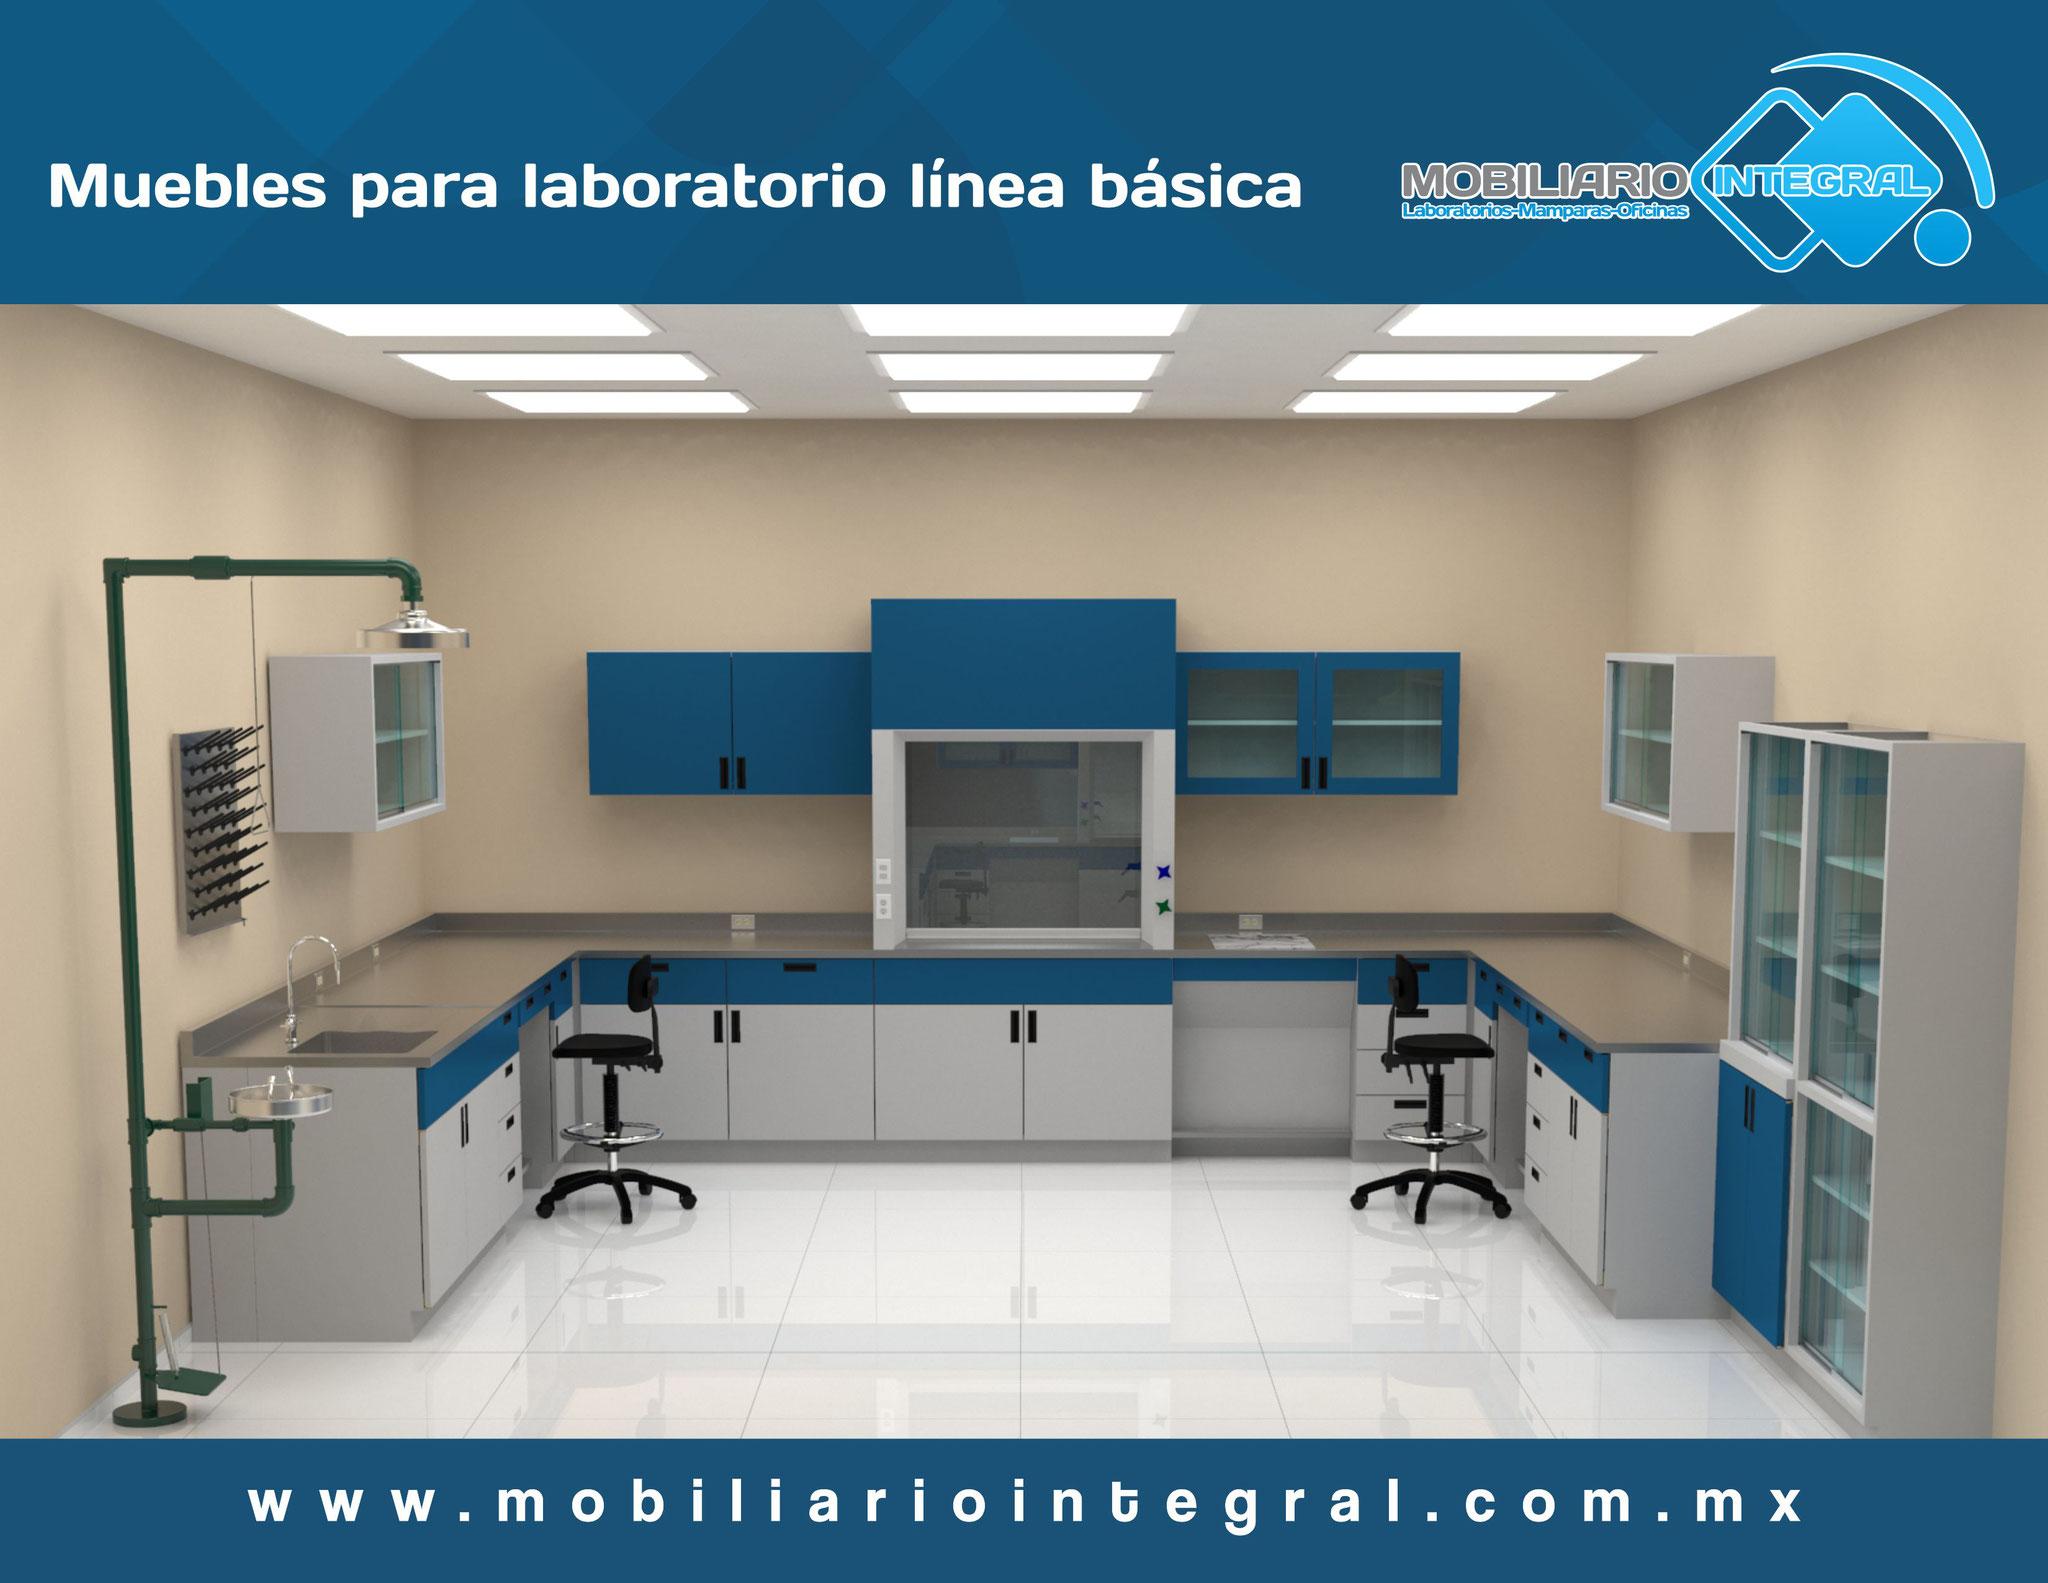 Muebles para laboratorio en Nayarit